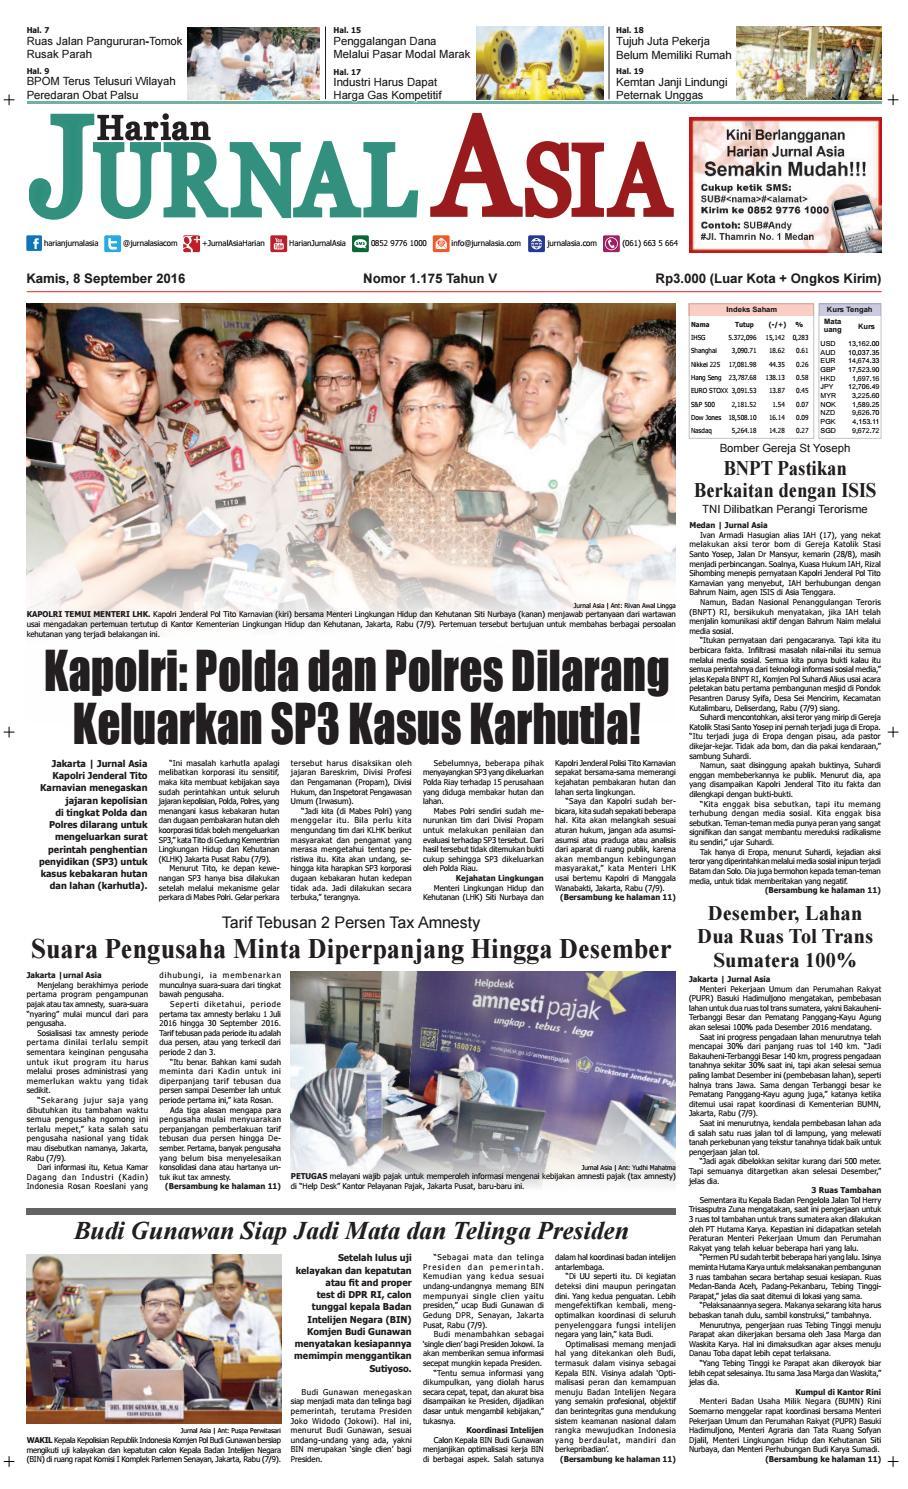 Harian Jurnal Asia Edisi Kamis 08 September 2016 By Harian